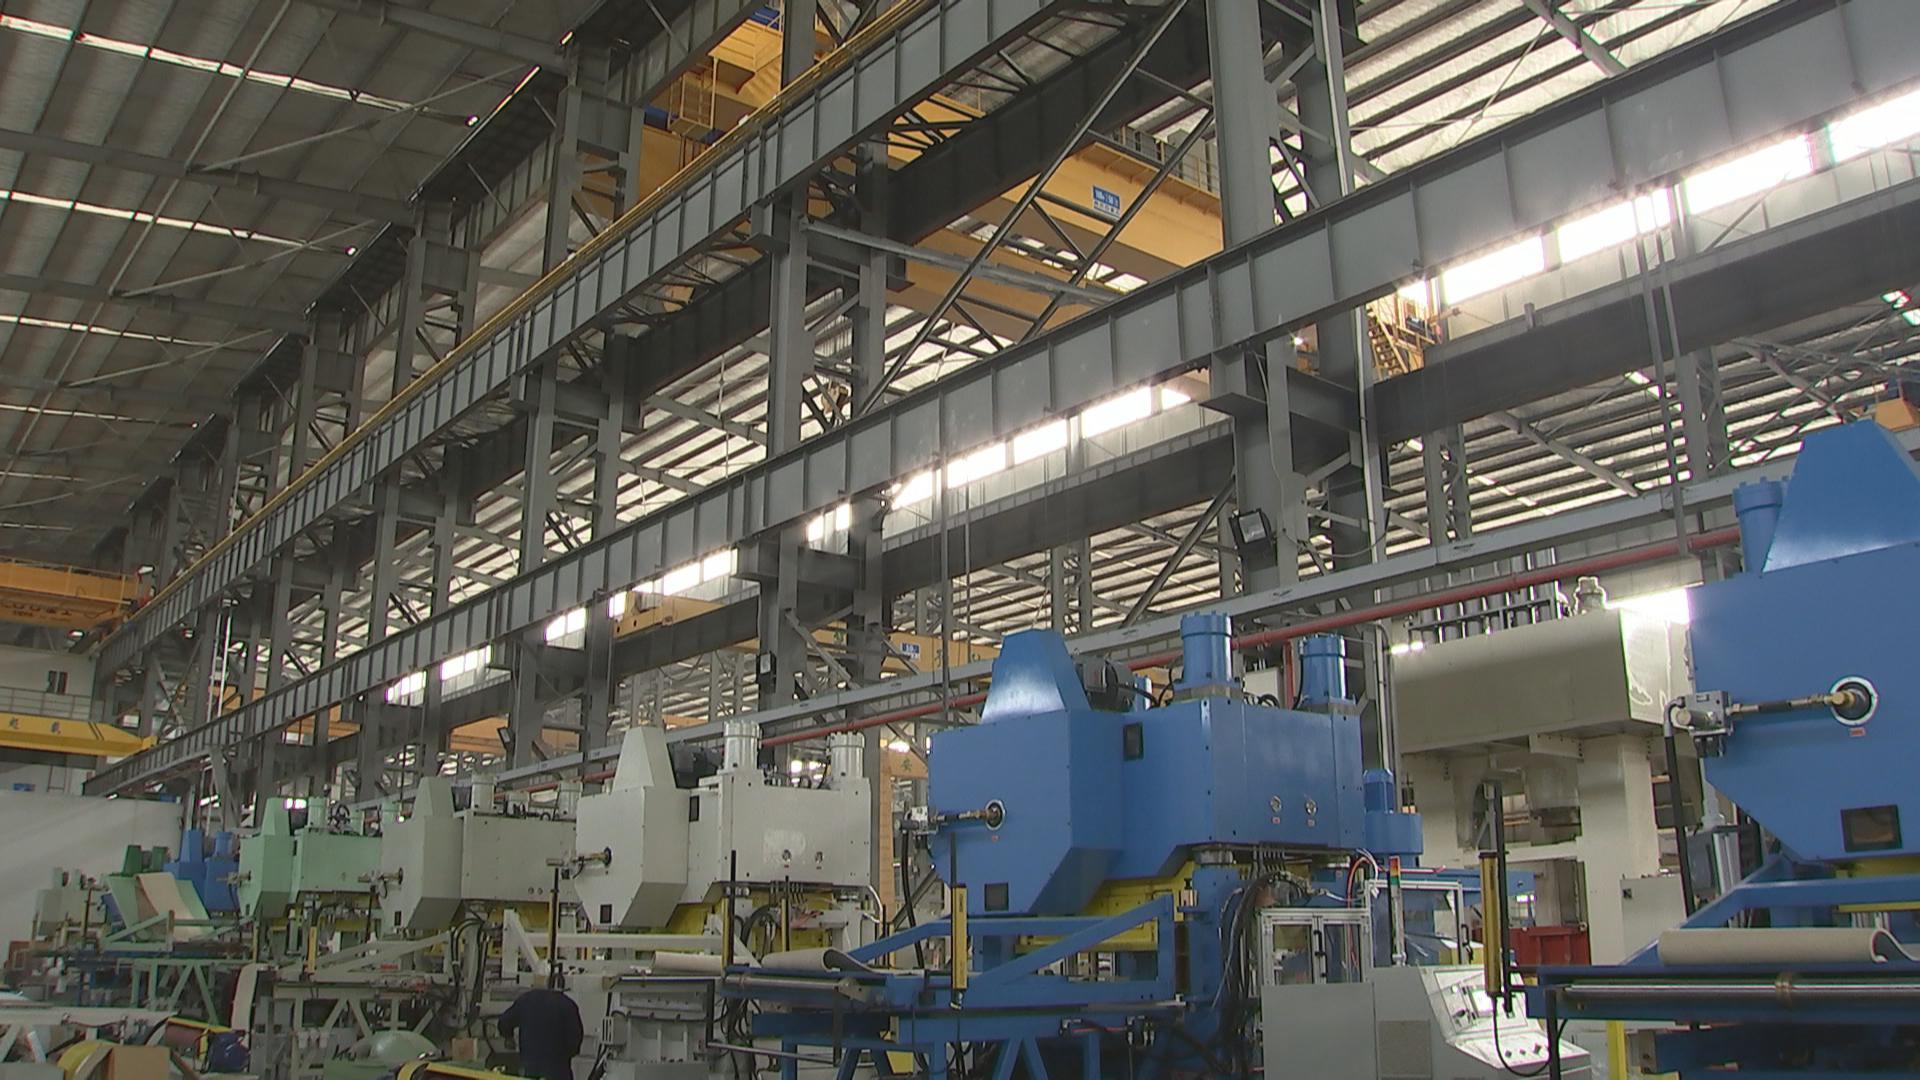 六争攻坚 三年攀高丨创新投入逐年攀升 助推江北工业高质量发展